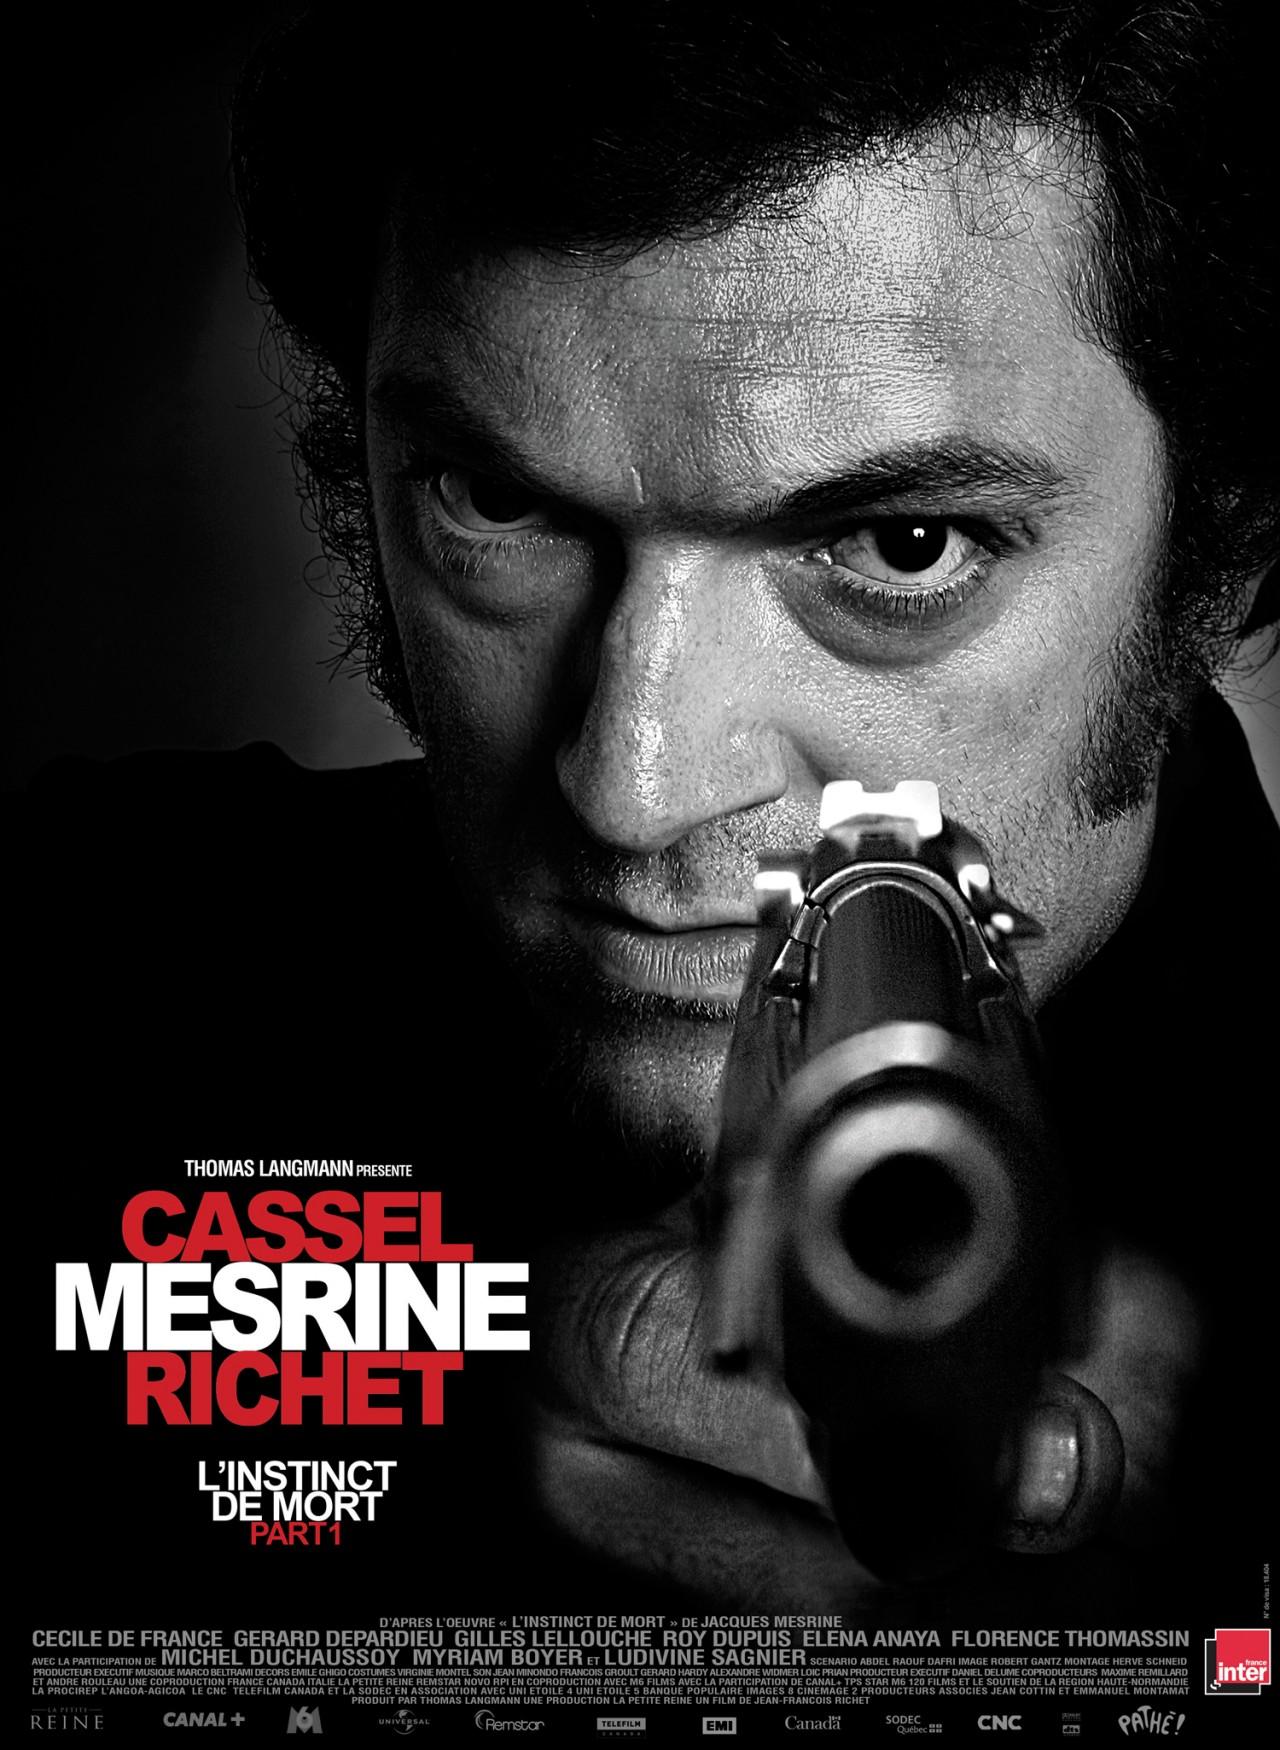 Mesrine - L'Instinct de mort [DVDRiP] [FRENCH] [MULTI]